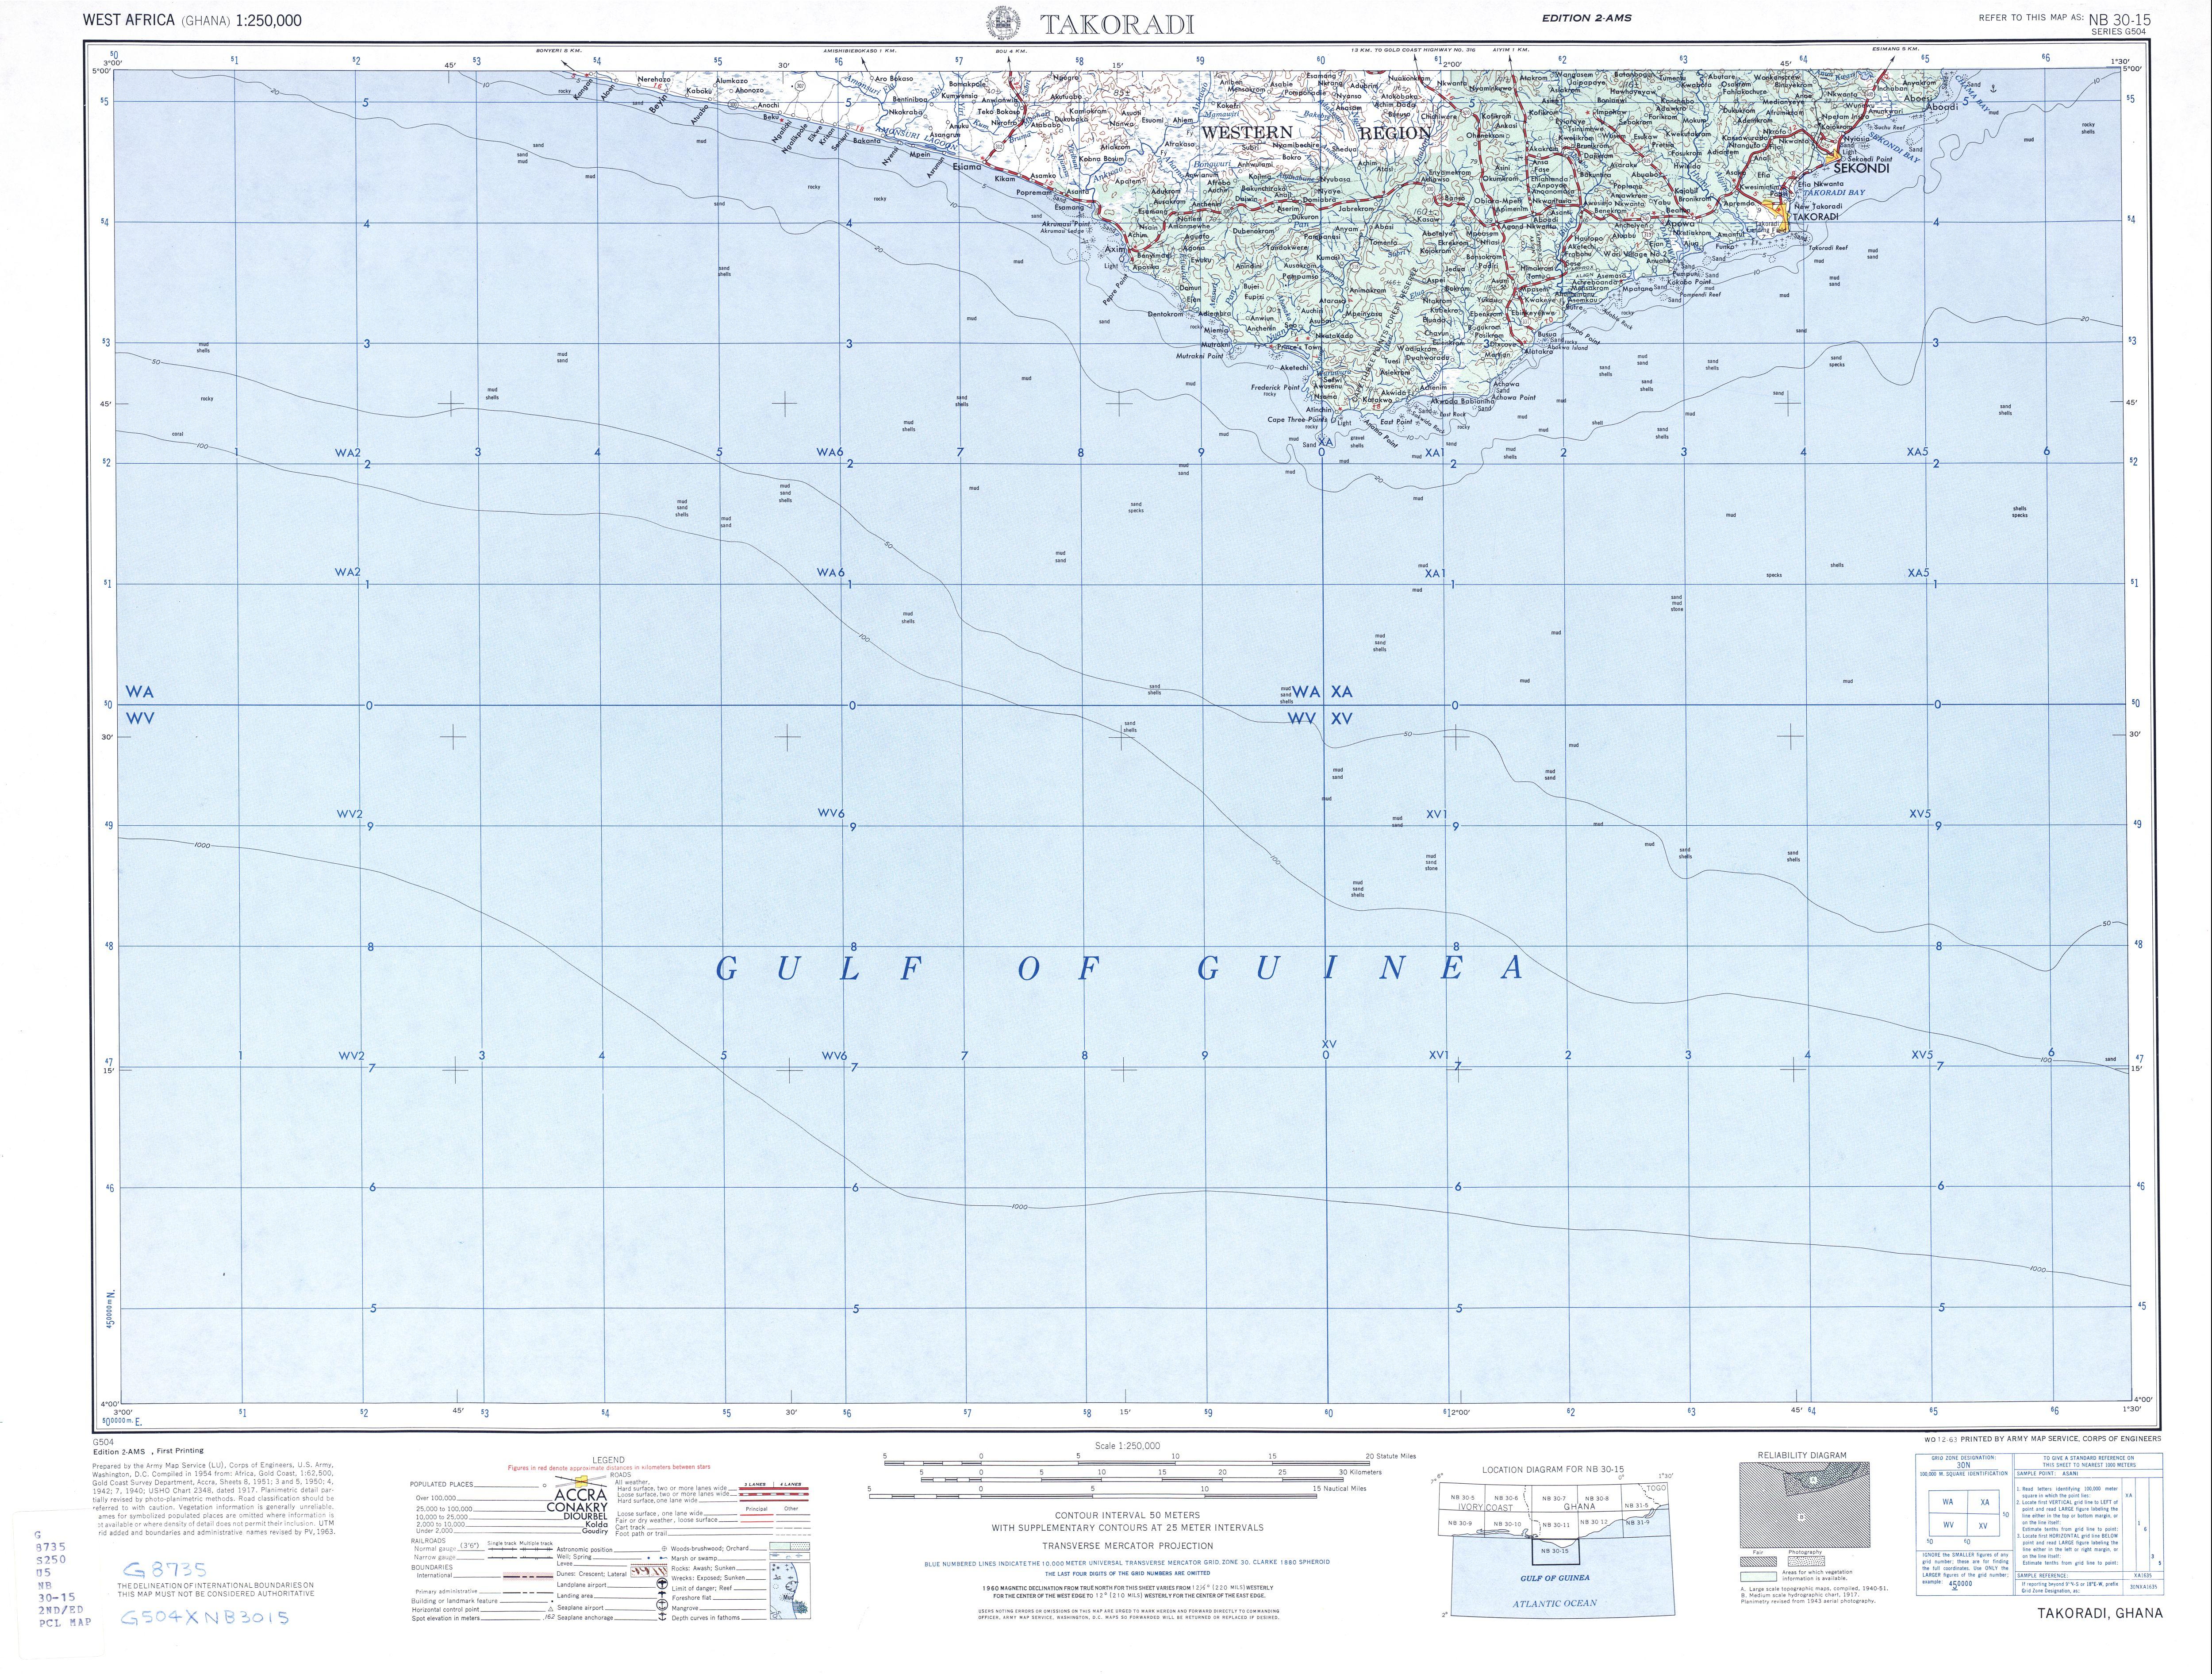 Takoradi Topographic Map Sheet, Western Africa 1955